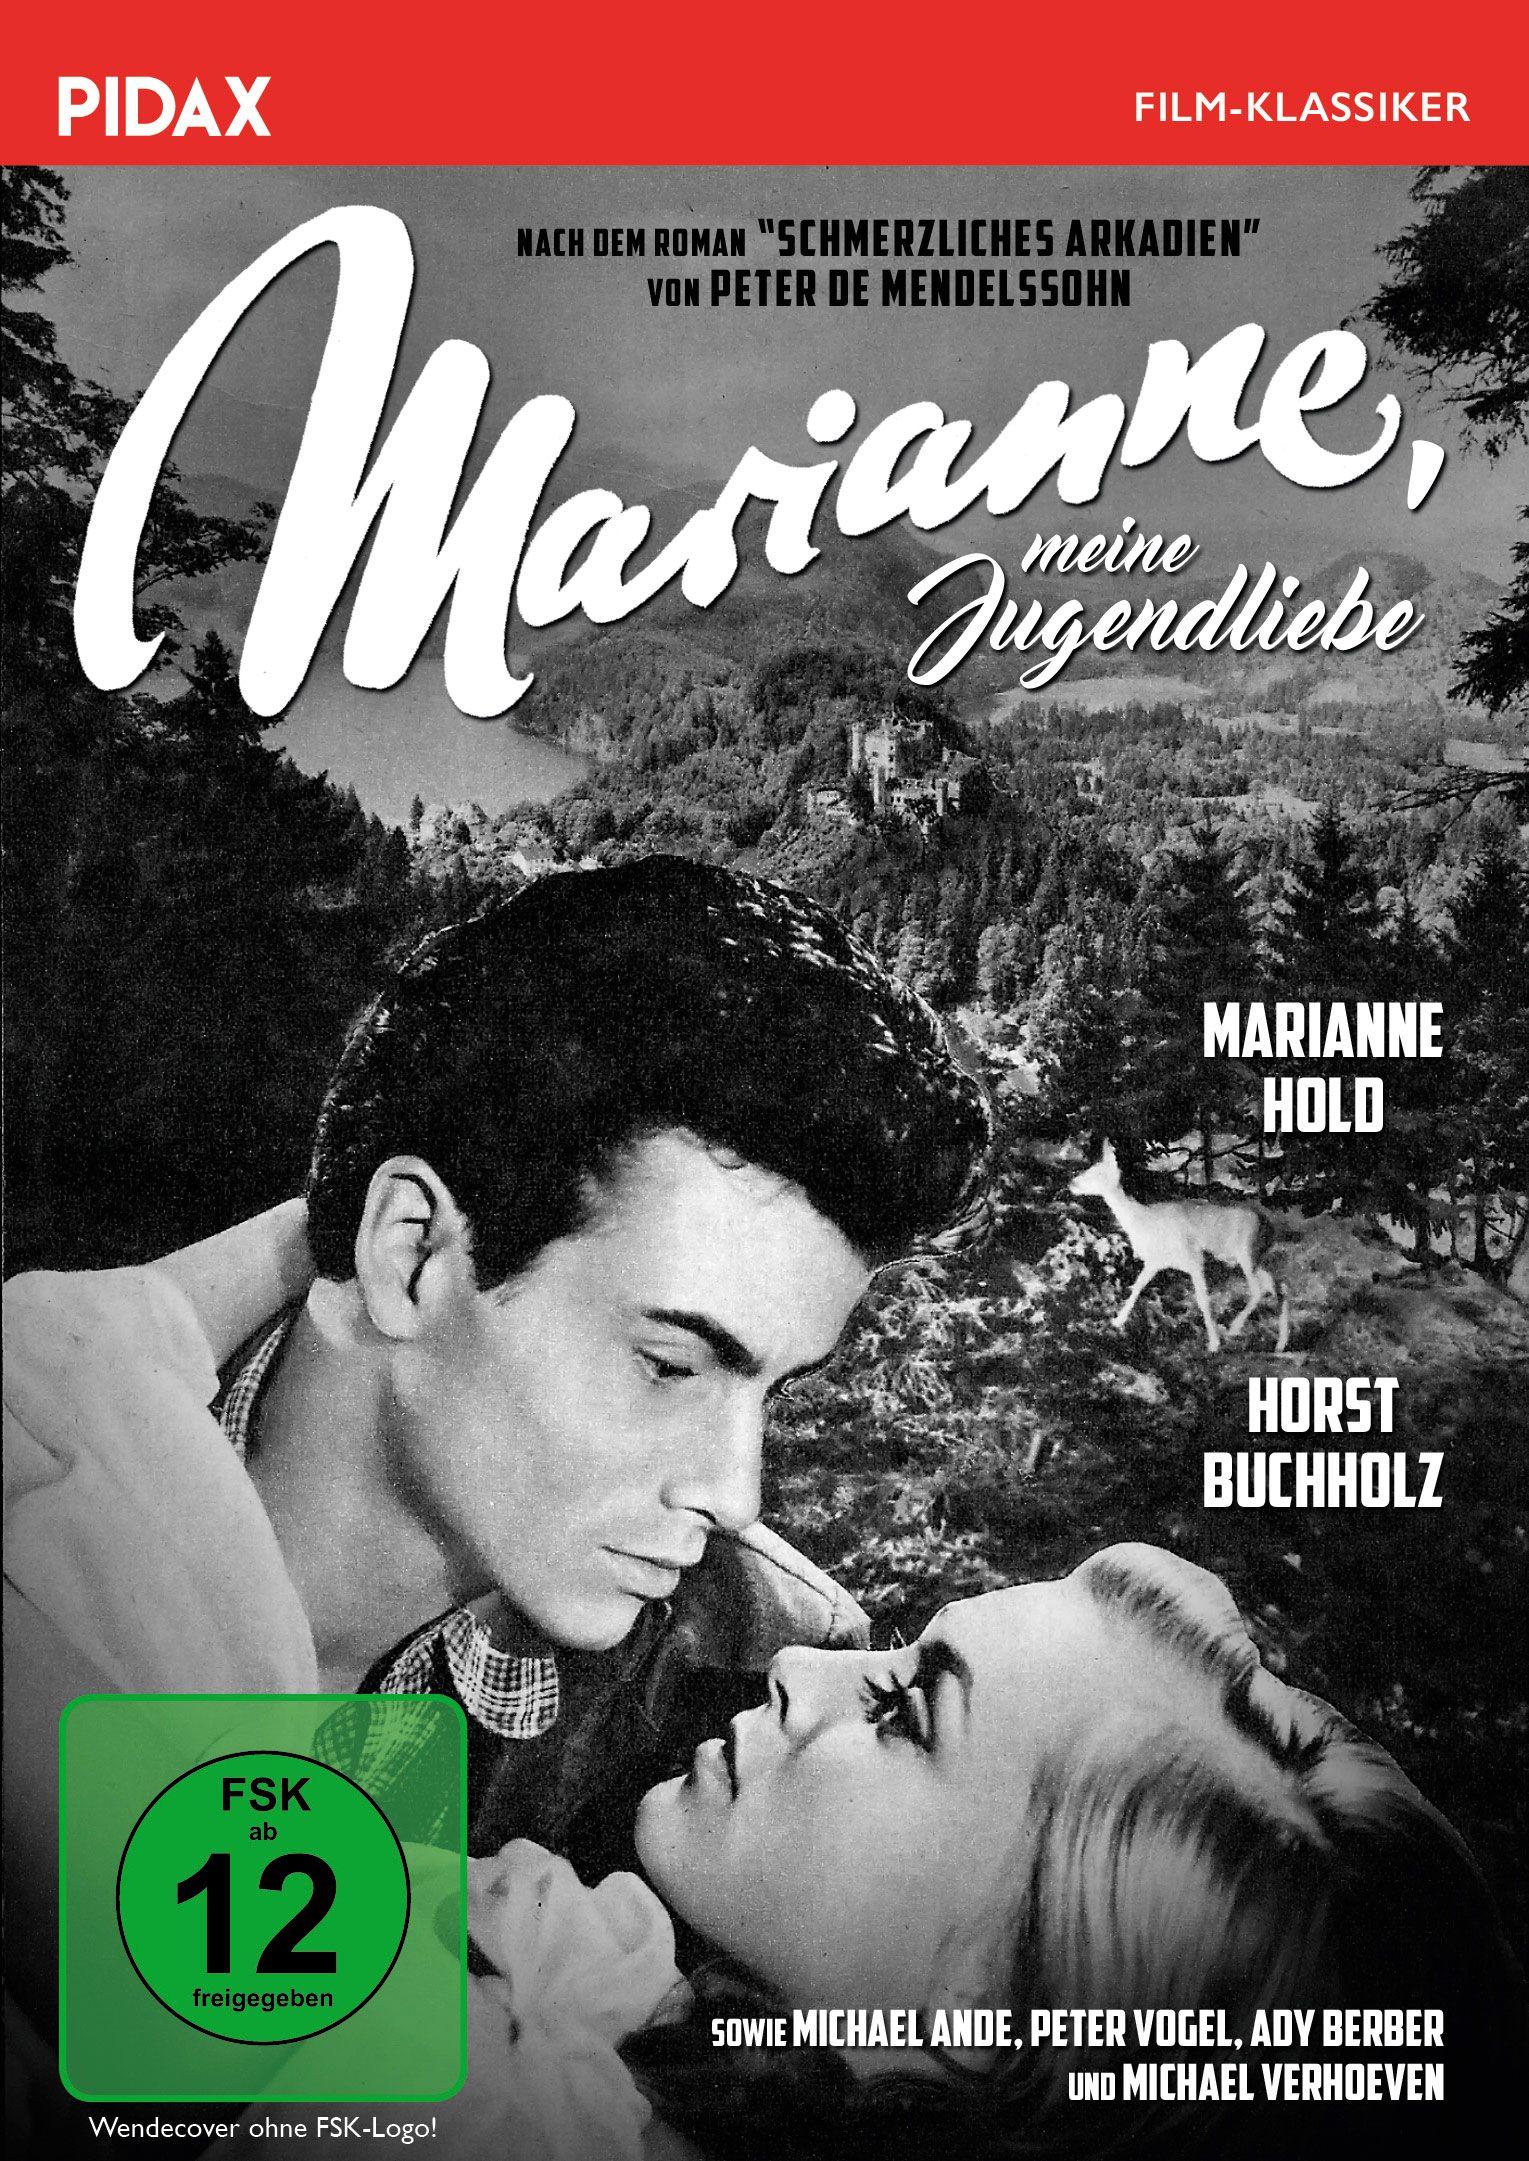 Marianne, meine Jugendliebe | PIDAX Film-Klassiker | Pinterest ...